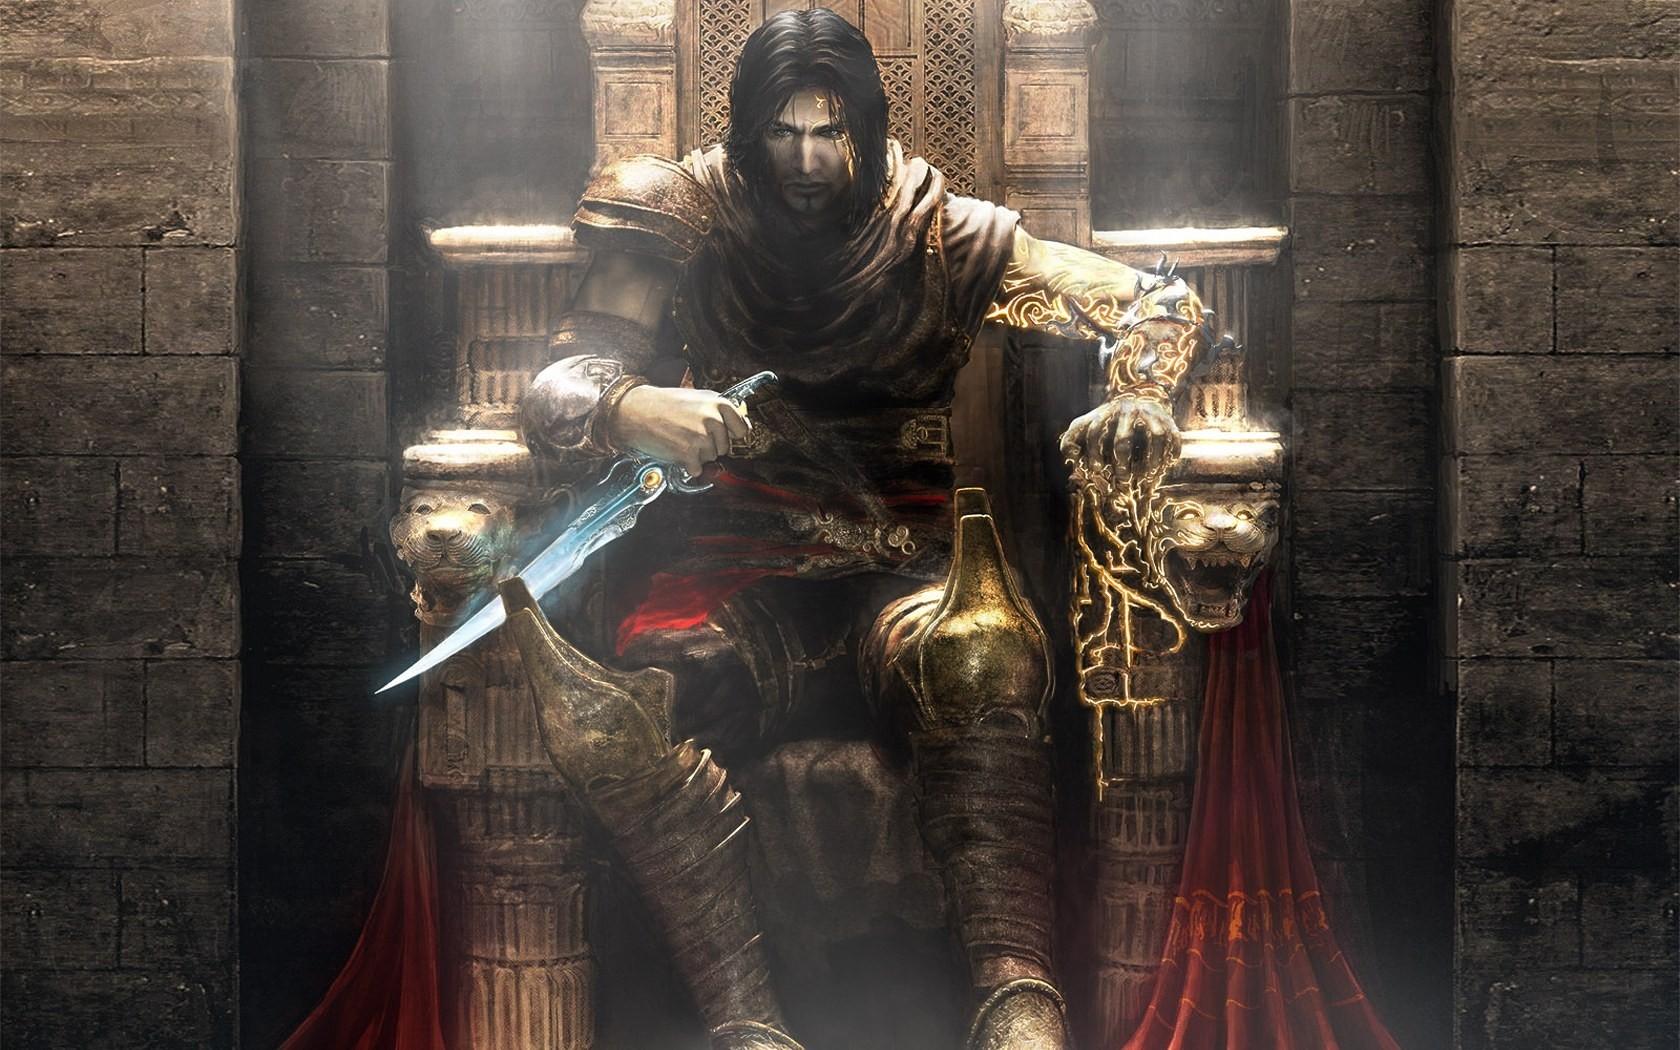 нас огромный фото принца персии два трона того